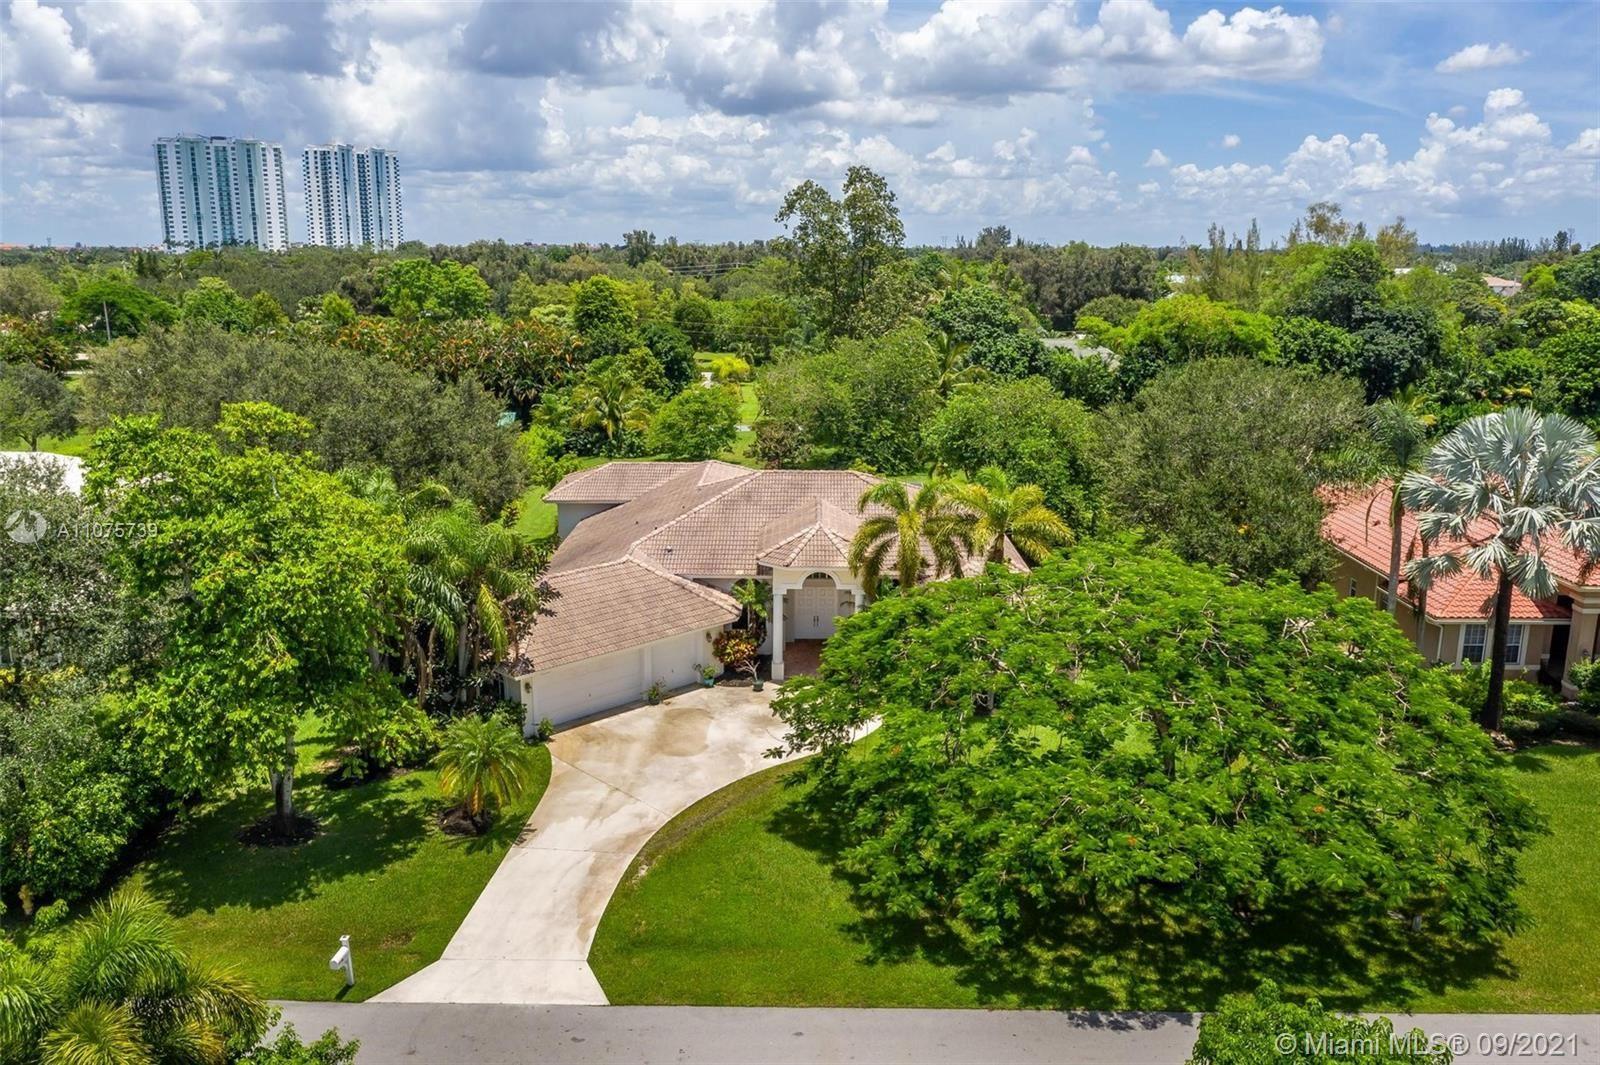 12263 NW 19th St, Plantation, FL 33323 - #: A11075739